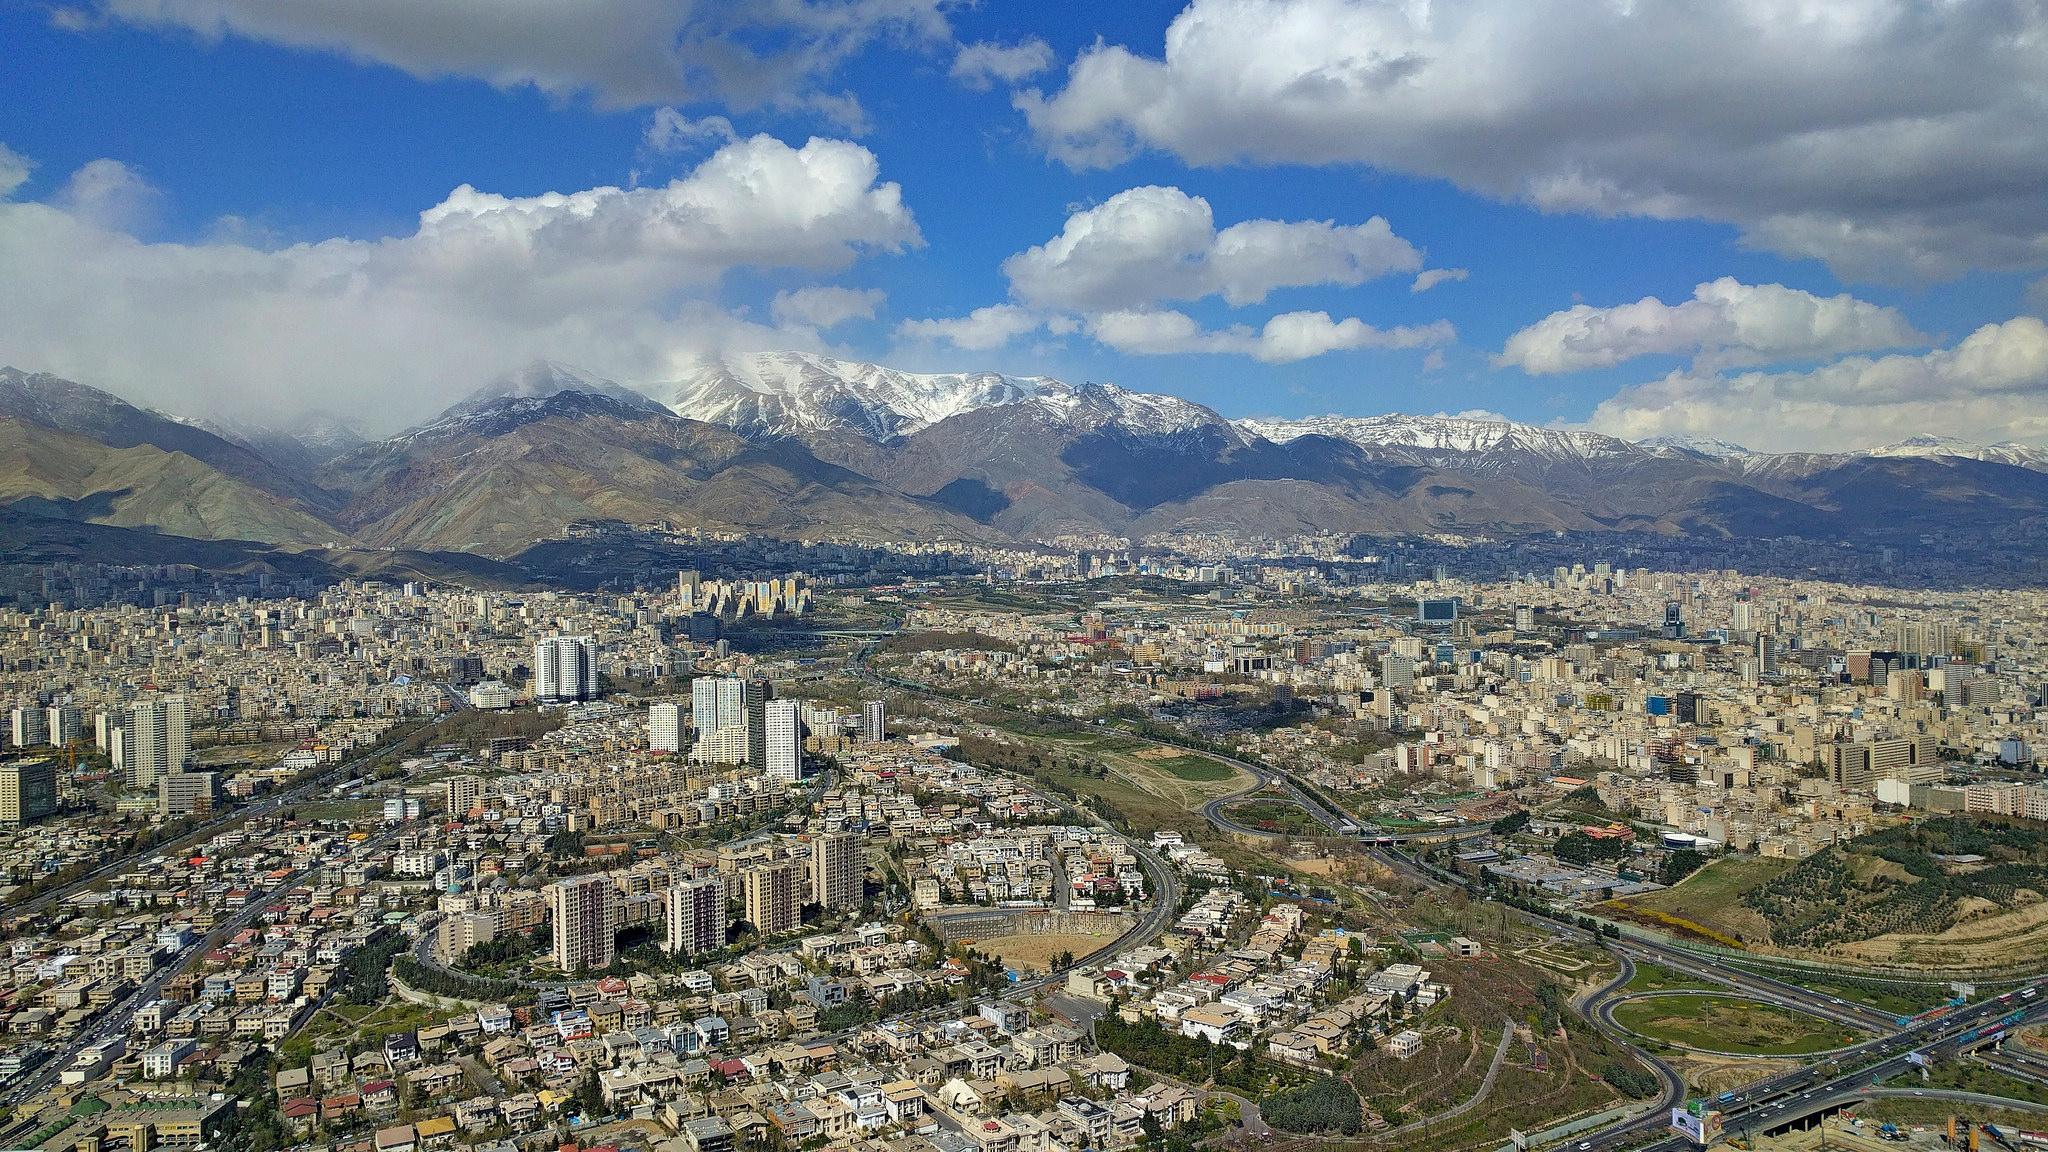 Située entre 1100 et 1980 mètres d'altitude, Théran compte 8,9 millions d'habitants. (photo flickr/danyal62)